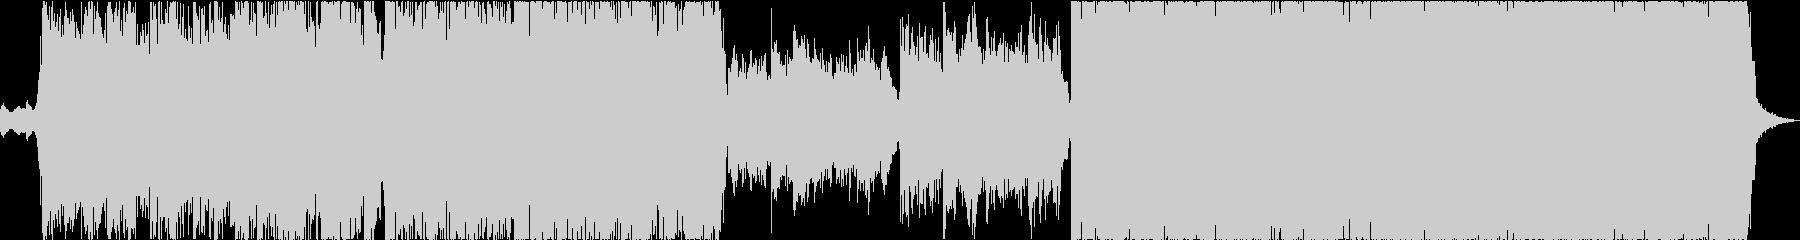 メロディアス・ヘヴィシンフォニックメタルの未再生の波形